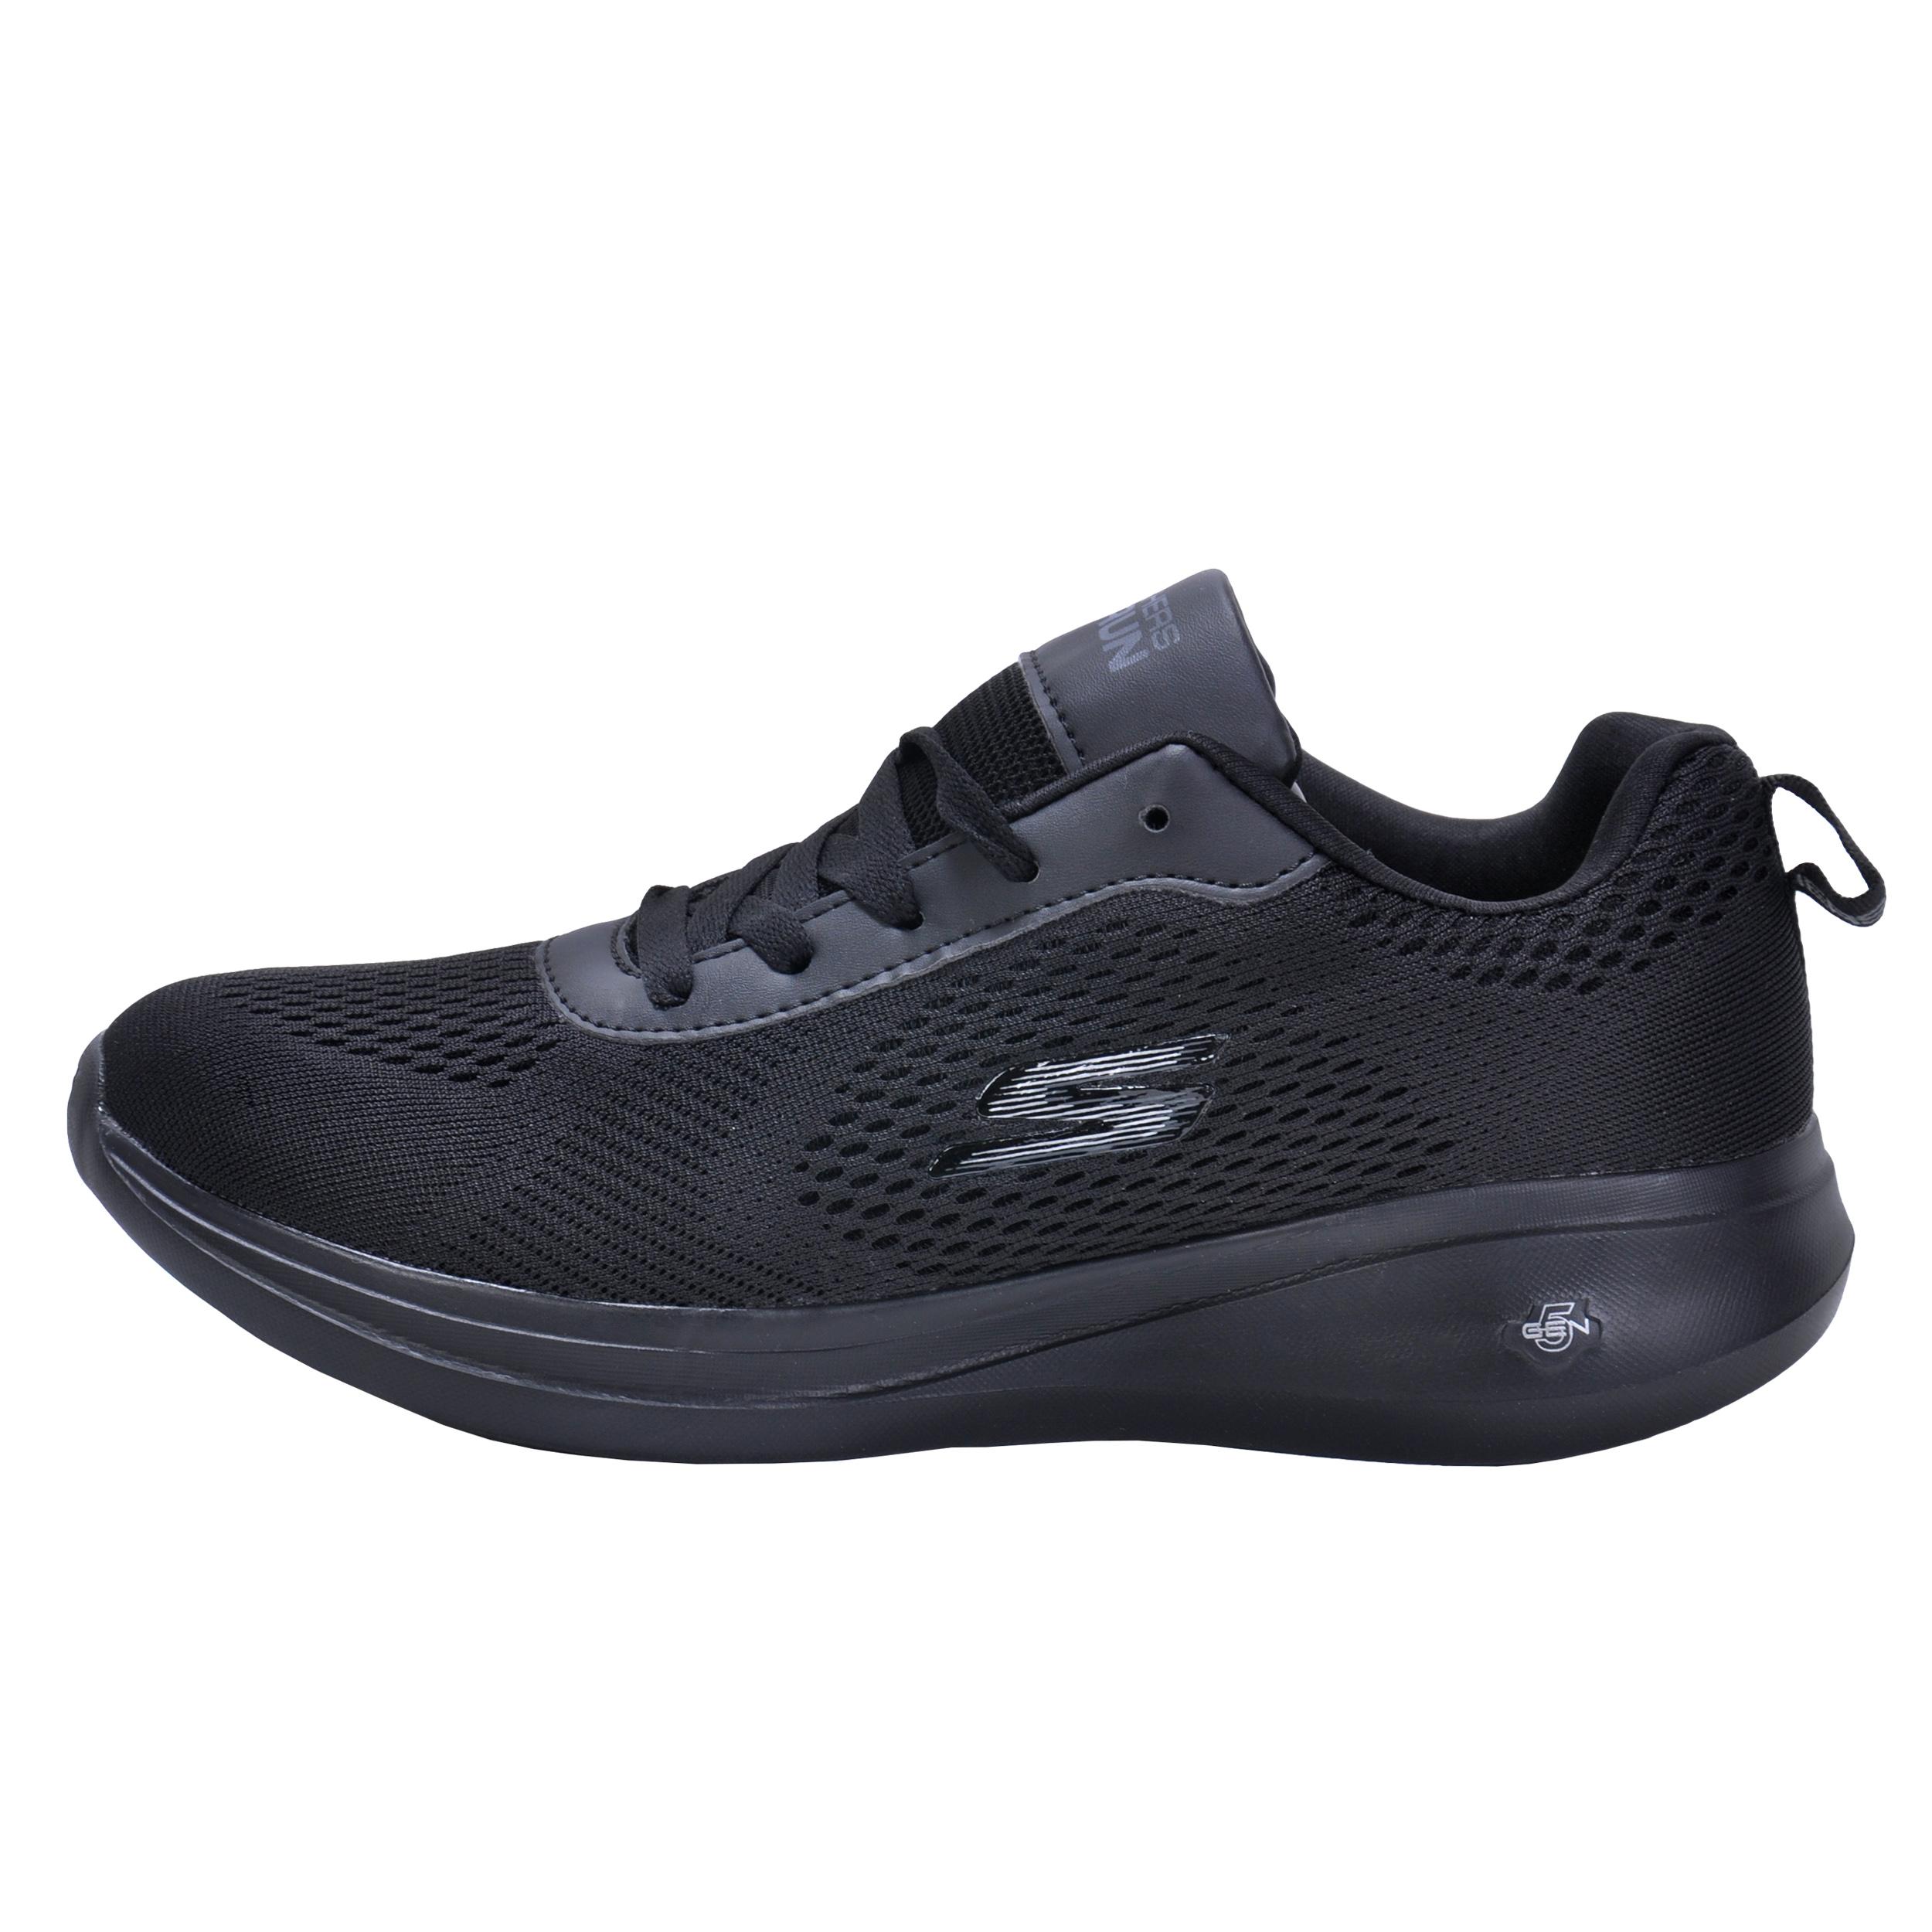 کفش مخصوص پیاده روی مردانه اسکچرز  مدل GOSTEP  کد 7810_BKW